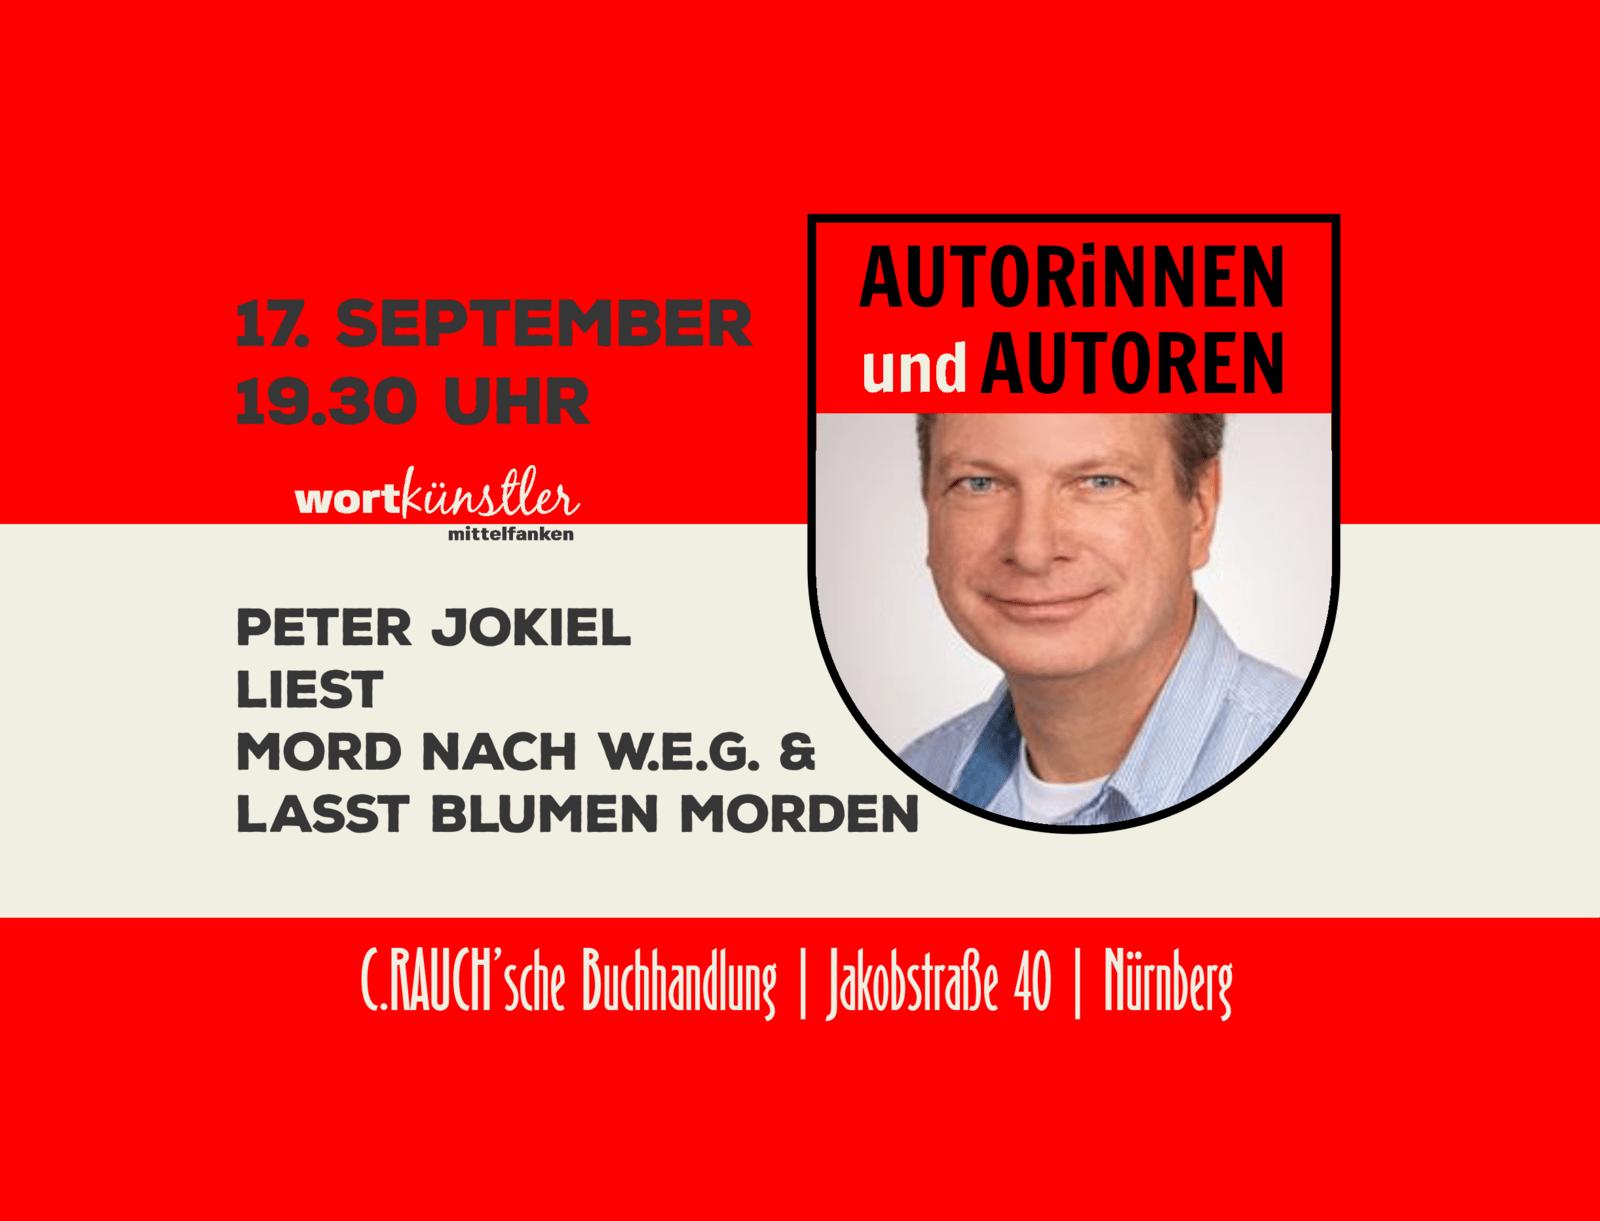 Peter Jokiel | Laßt Blumen morden